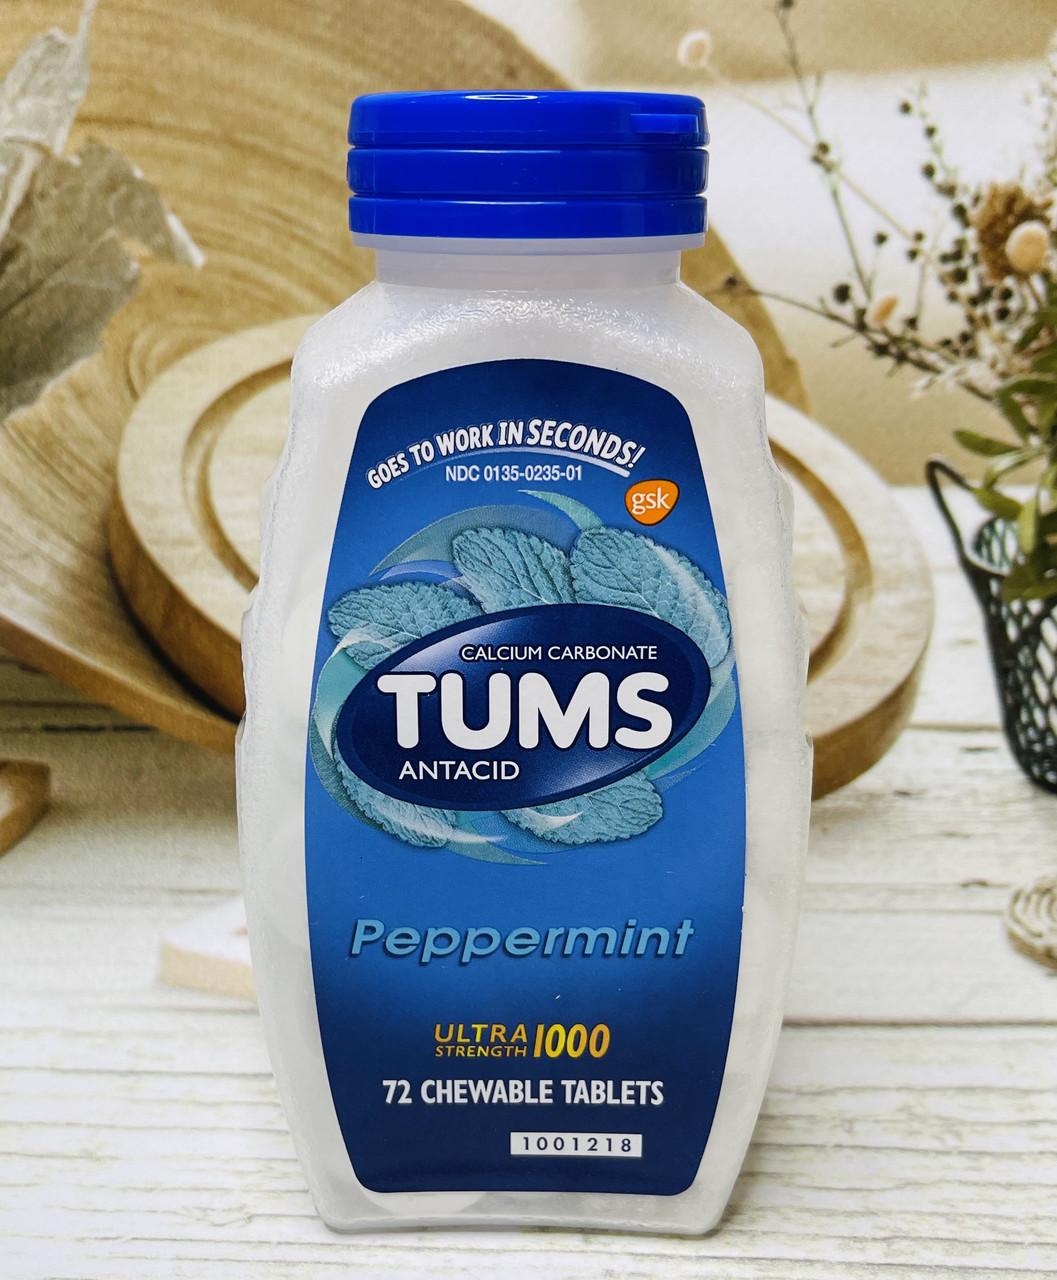 Цукерки від печії та болю в шлунку TUMS Antacid м'ятні, 72шт